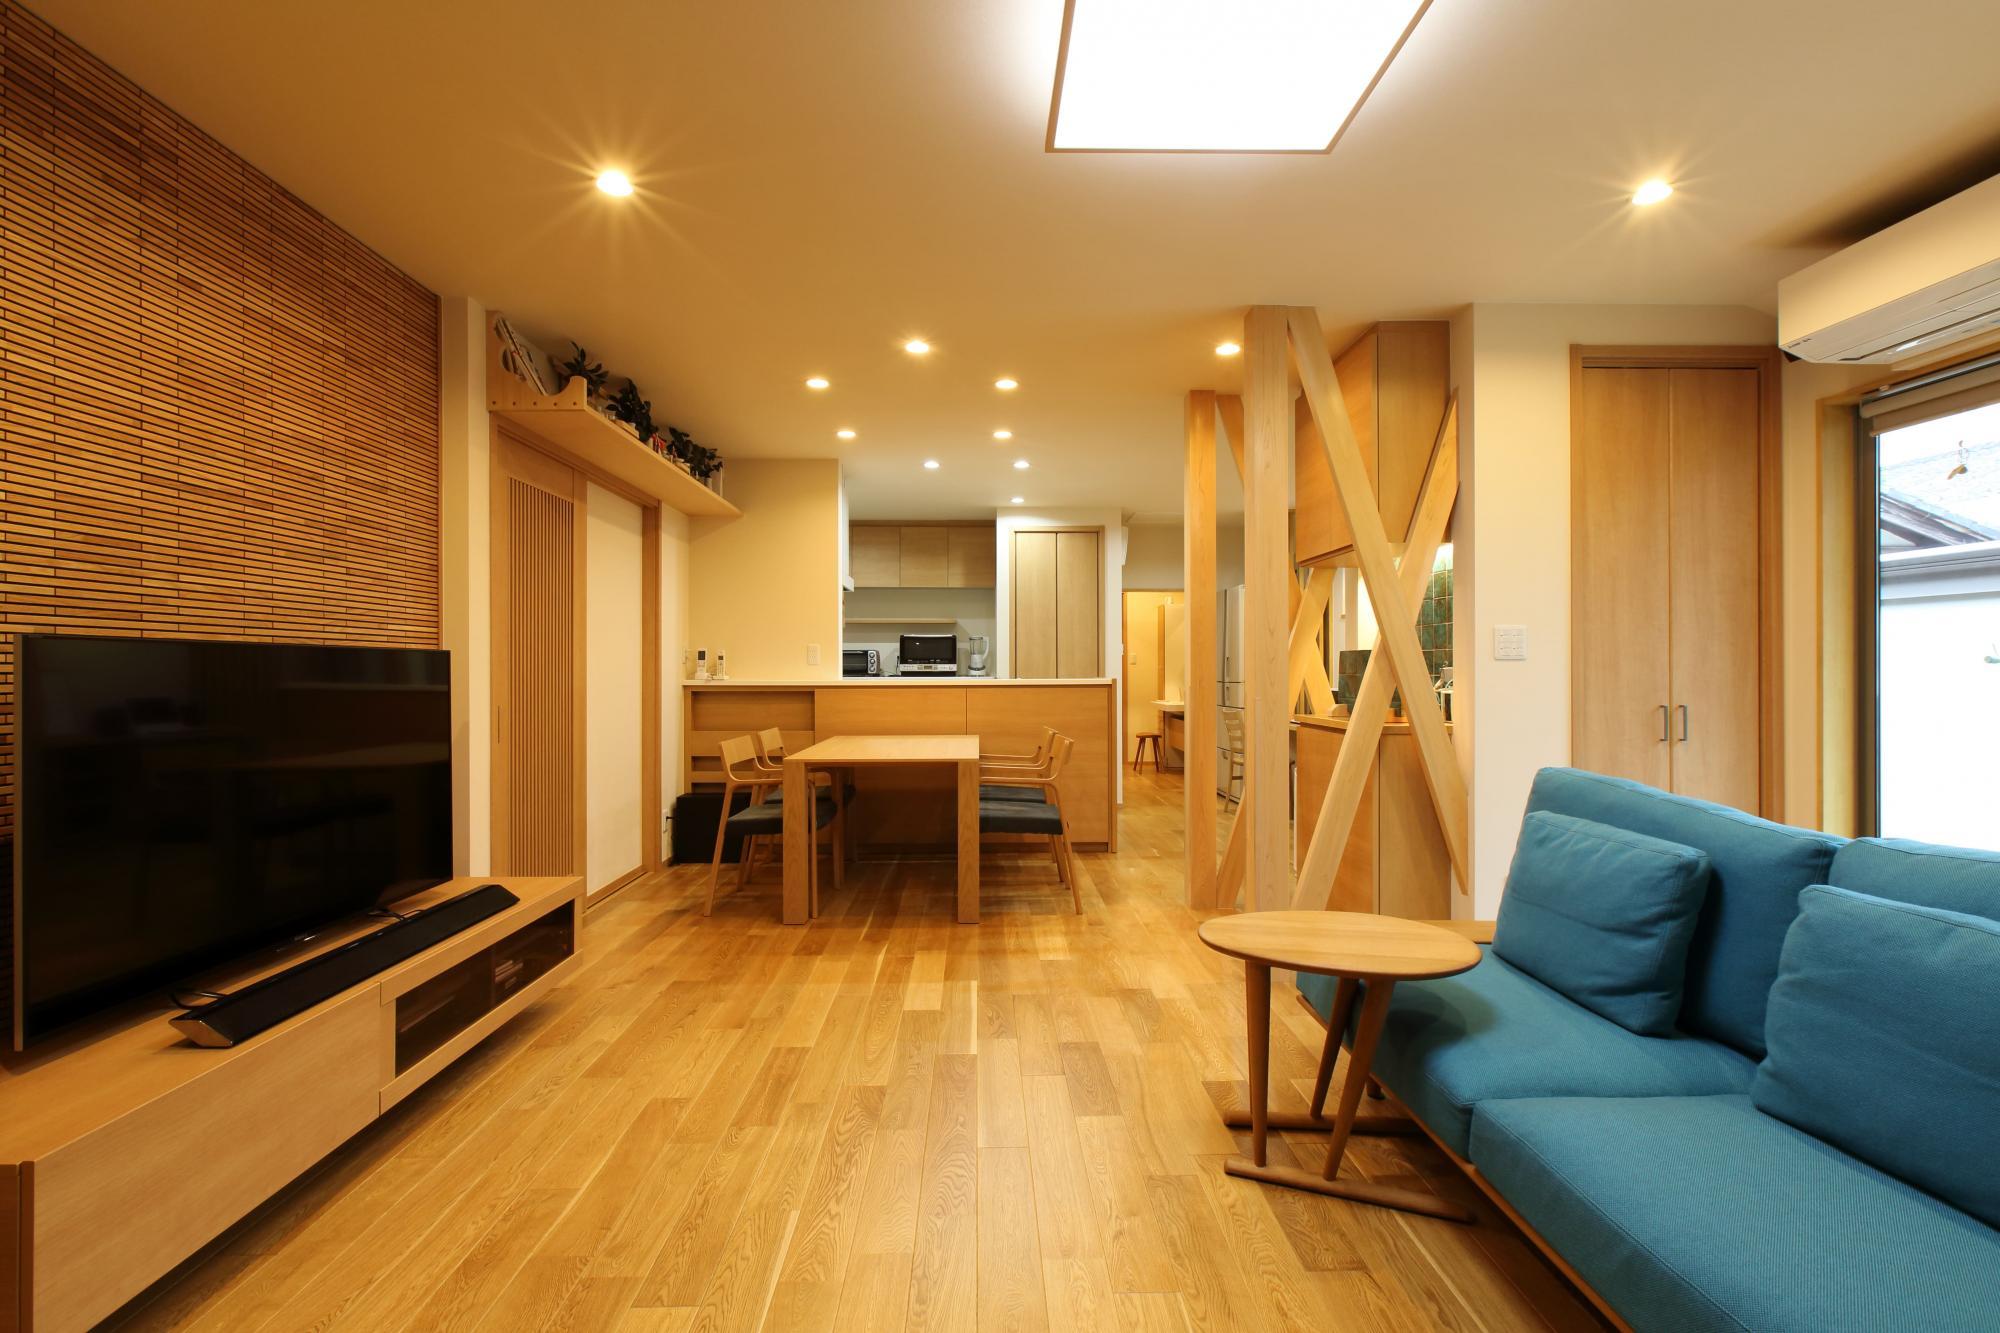 木質感あふれるLDKは、和室や廊下などを繋げてひとつの空間に。明るいオークのフロアには床暖房を設置。TV背面の壁面は当社オリジナルのウッドタイルで仕上げ、室内の引き戸には縦格子のガラス戸を採用。出入り口の上部には立派な神棚を設けた。